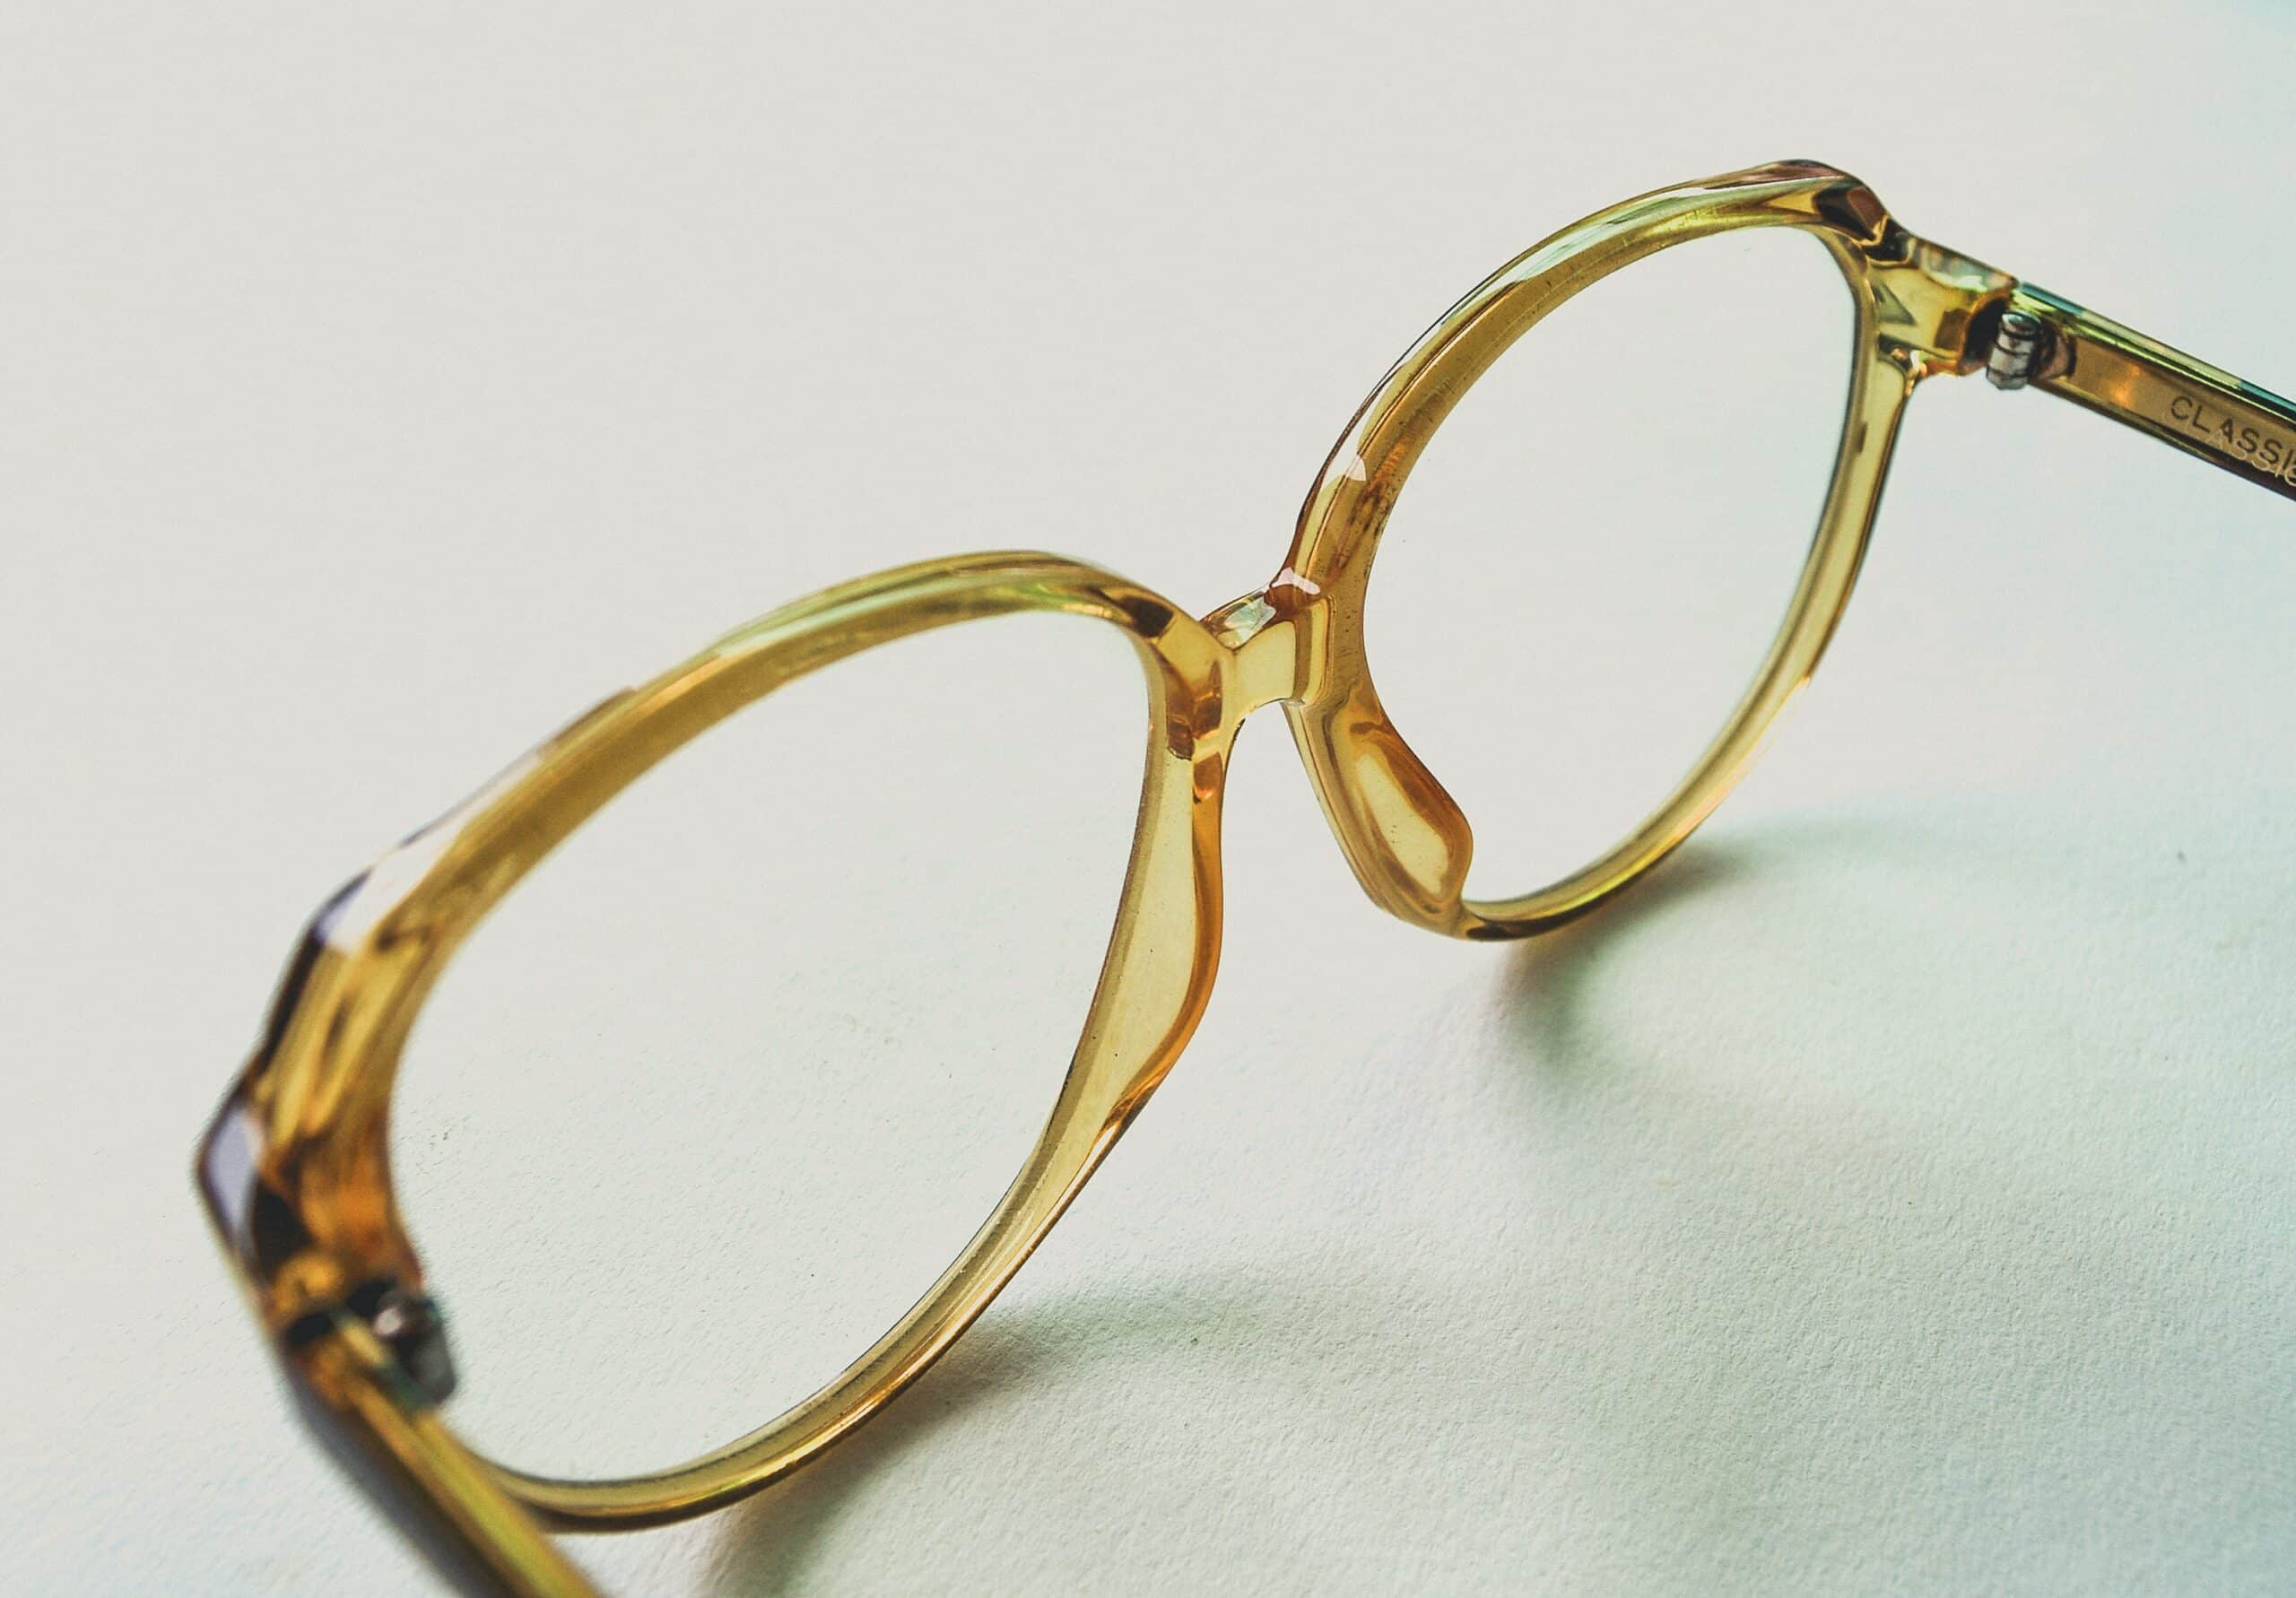 Vom Lesestein zum komplexen Produkt: Die Geschichte des Brillenglases